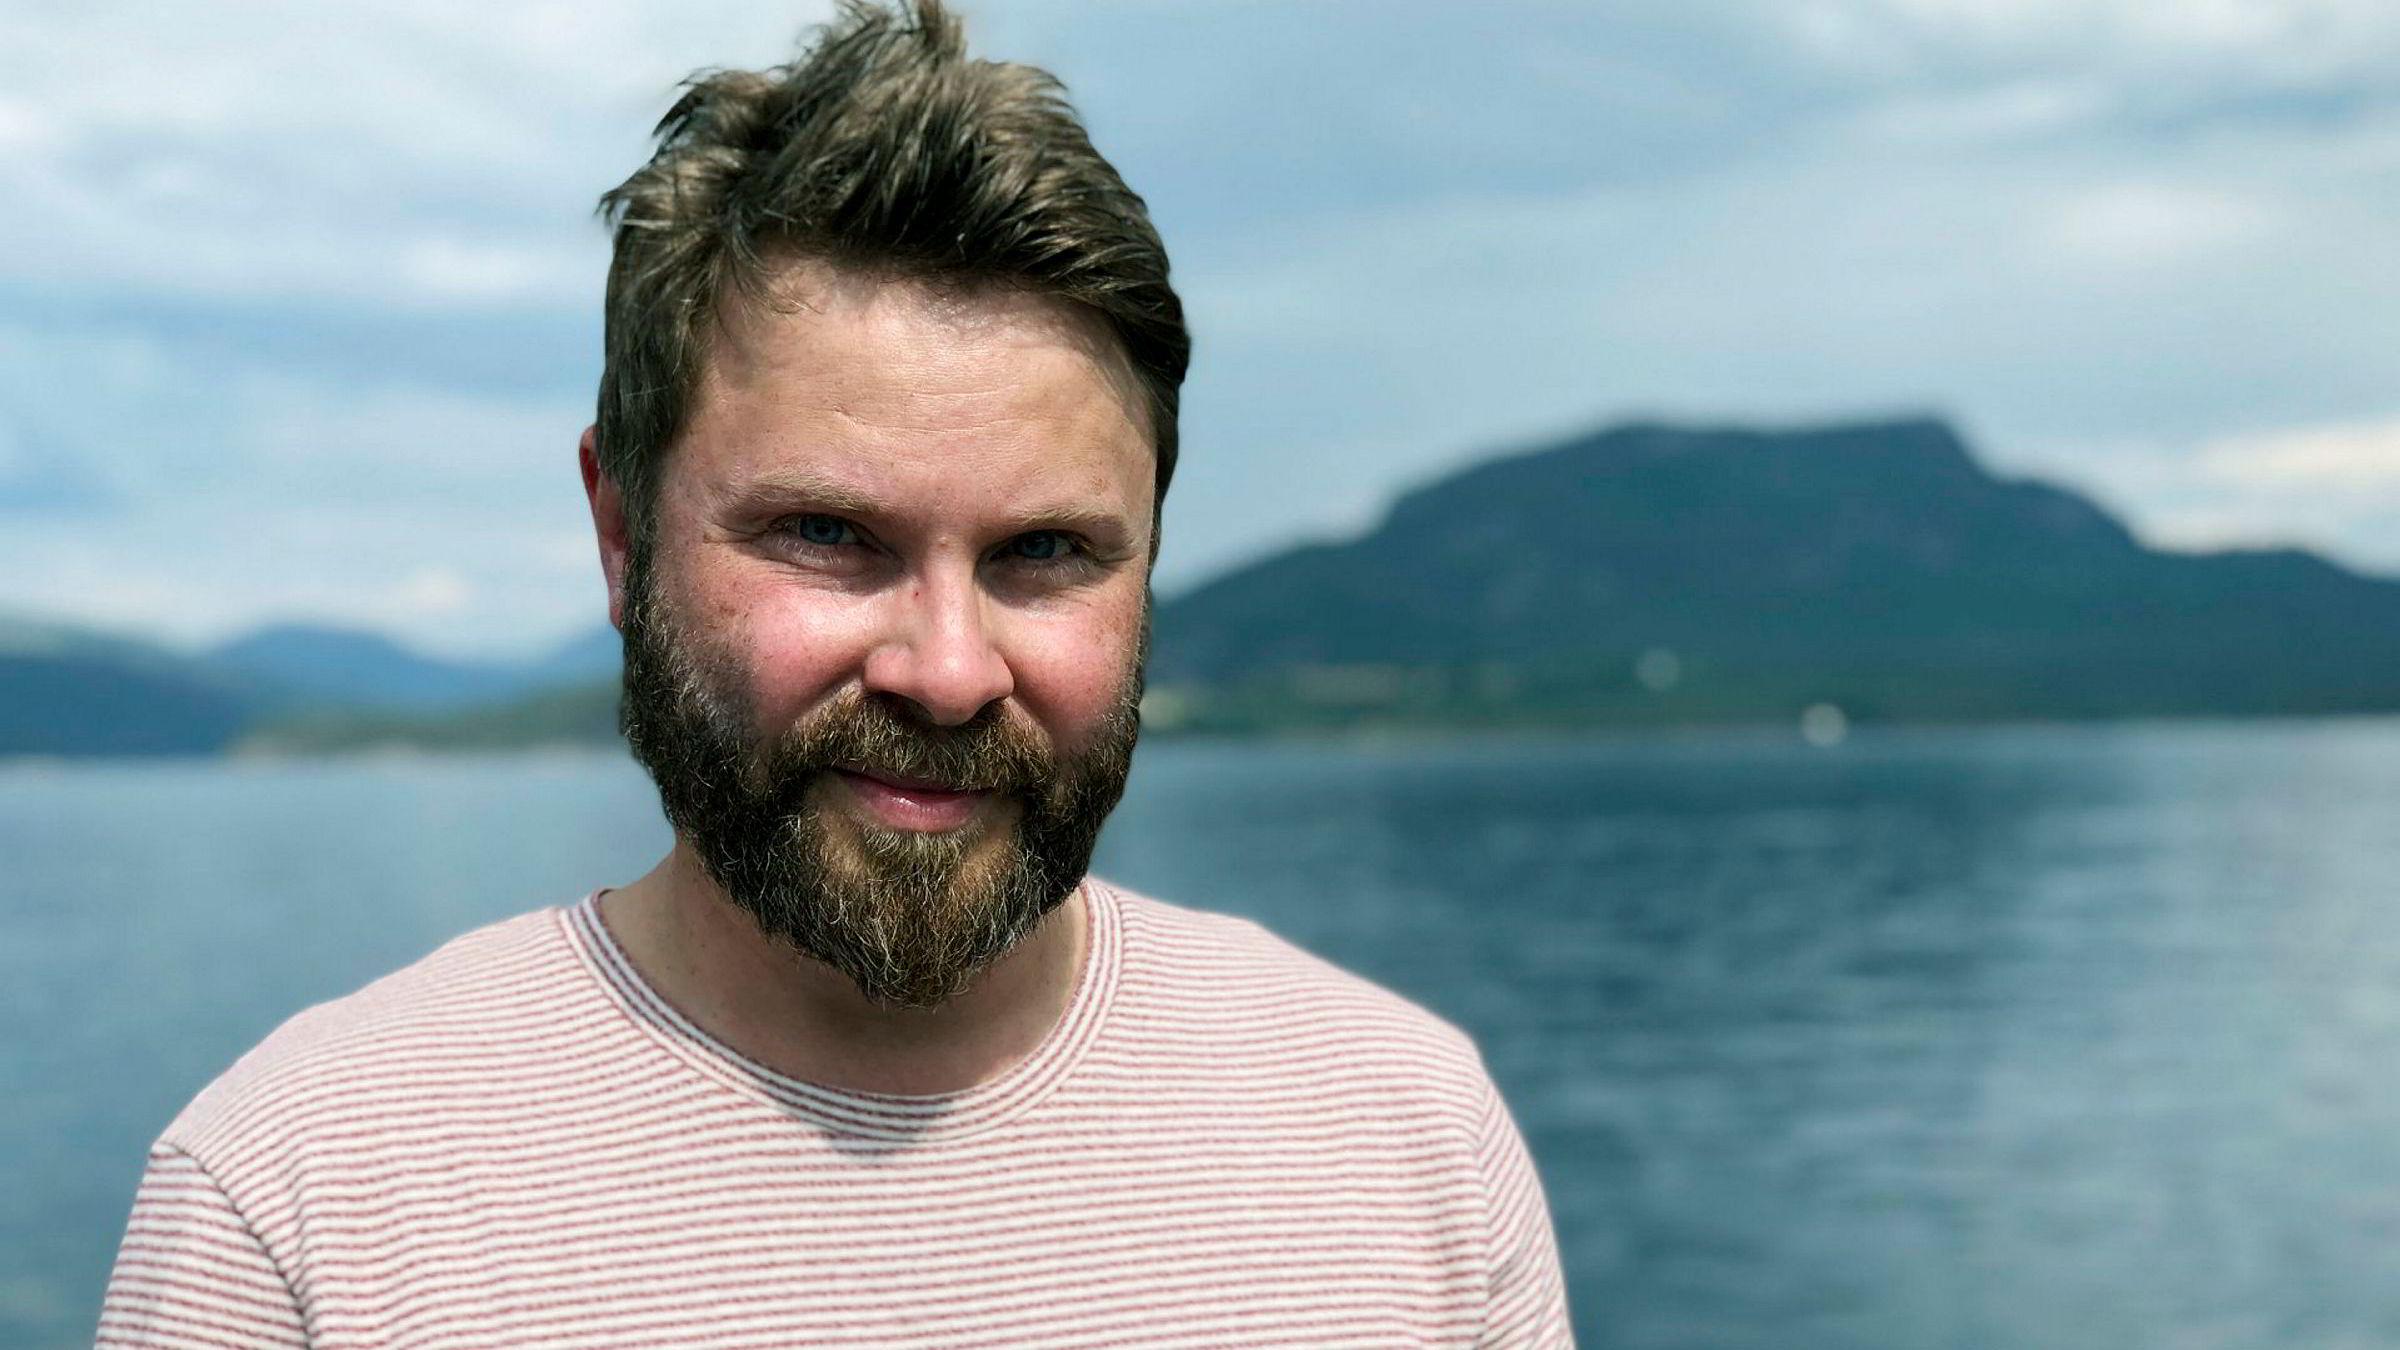 Styreleder i Pexip Kjell Skappel gleder seg over sommeren på hytta med familien, samt gode tall og en Google-godkjenning som kom på plass etter 18 måneders arbeid i kulissene.